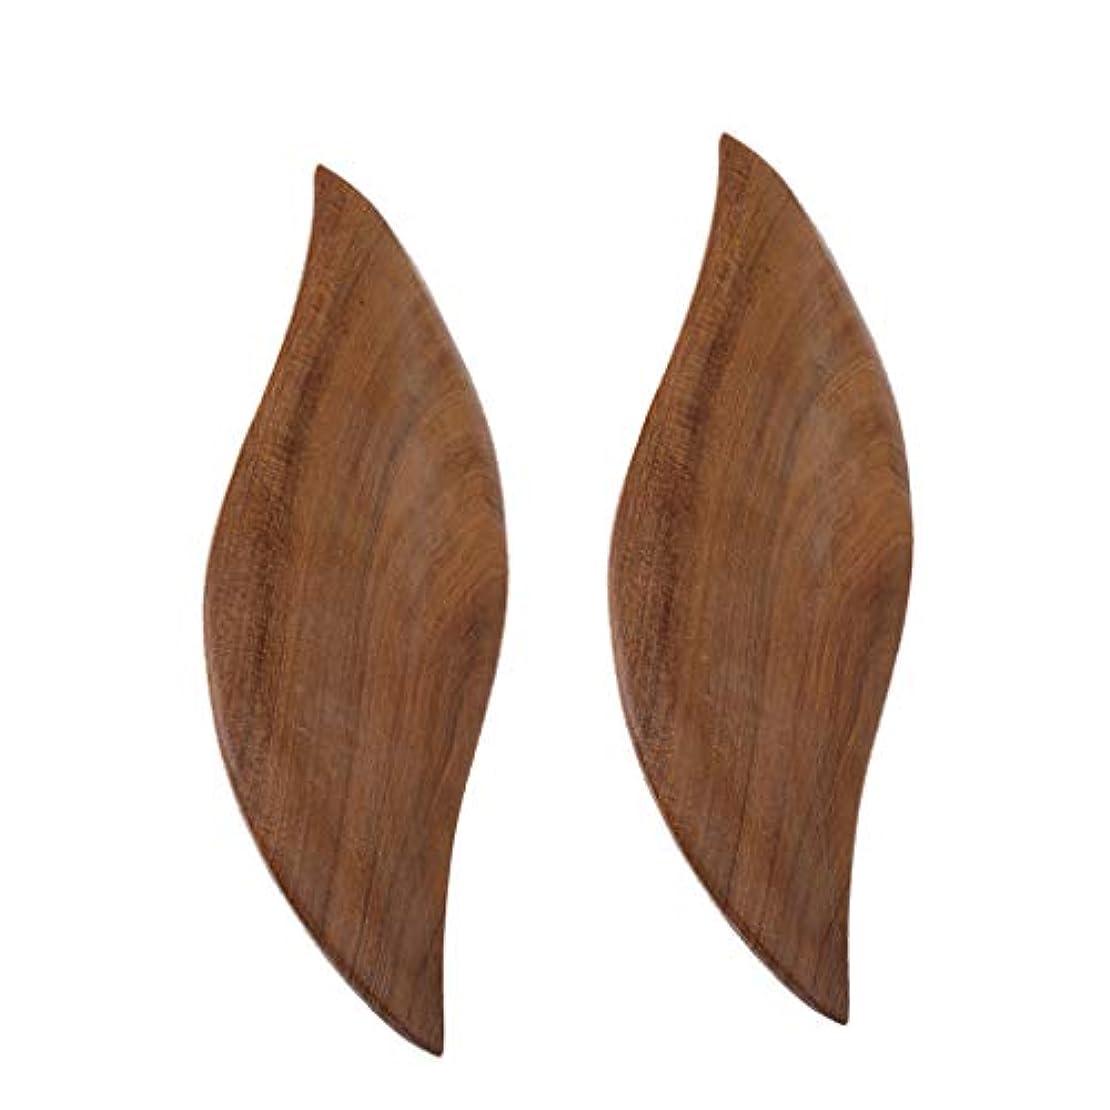 休戦ブレイズせせらぎD DOLITY 2枚 かっさプレート 木製 ボード ボディーケア 葉の形 便利